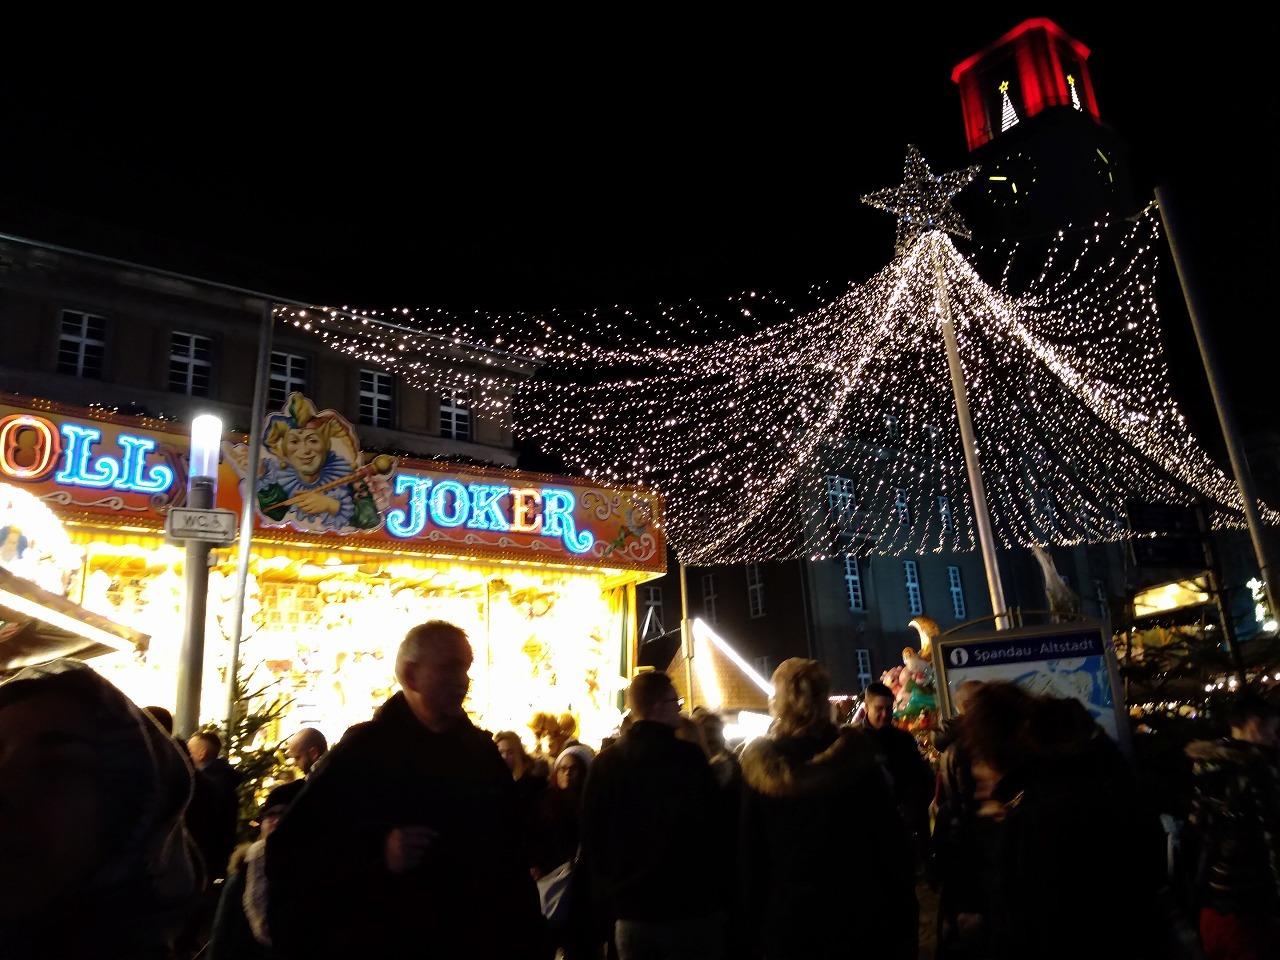 ドイツのクリスマスと日本の正月 02_a0355629_10001498.jpg